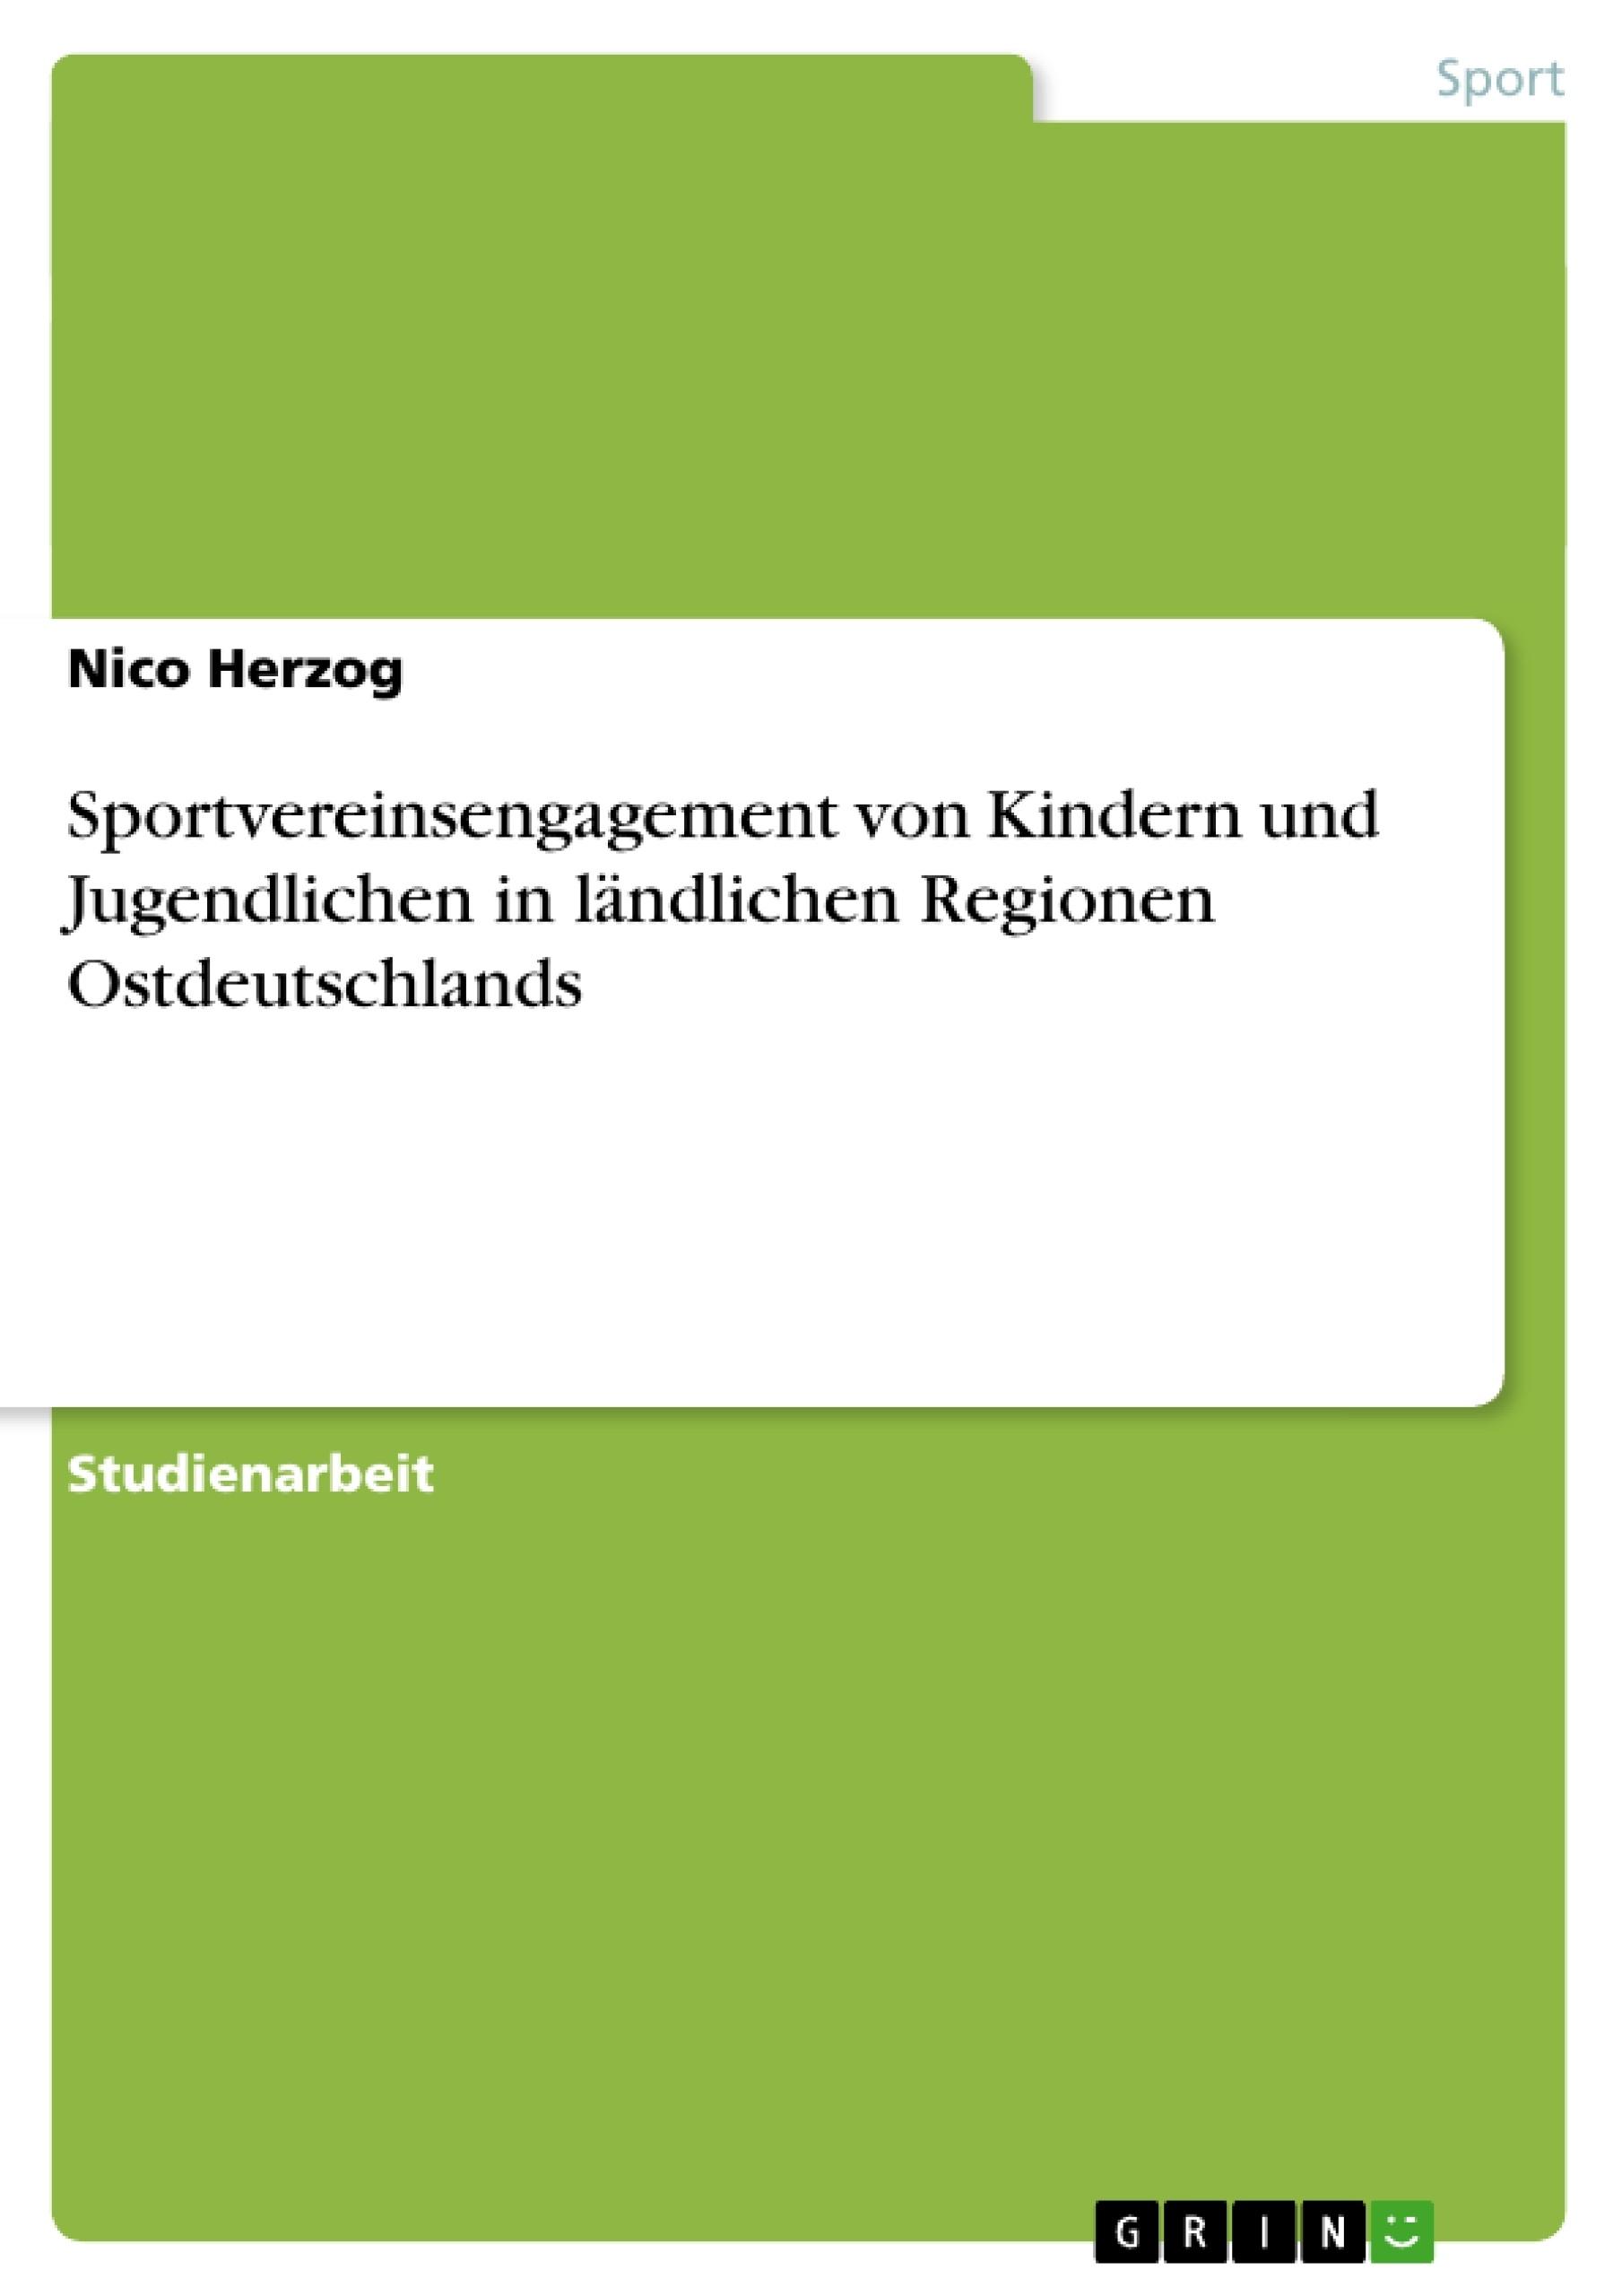 Titel: Sportvereinsengagement von Kindern und Jugendlichen in ländlichen Regionen Ostdeutschlands